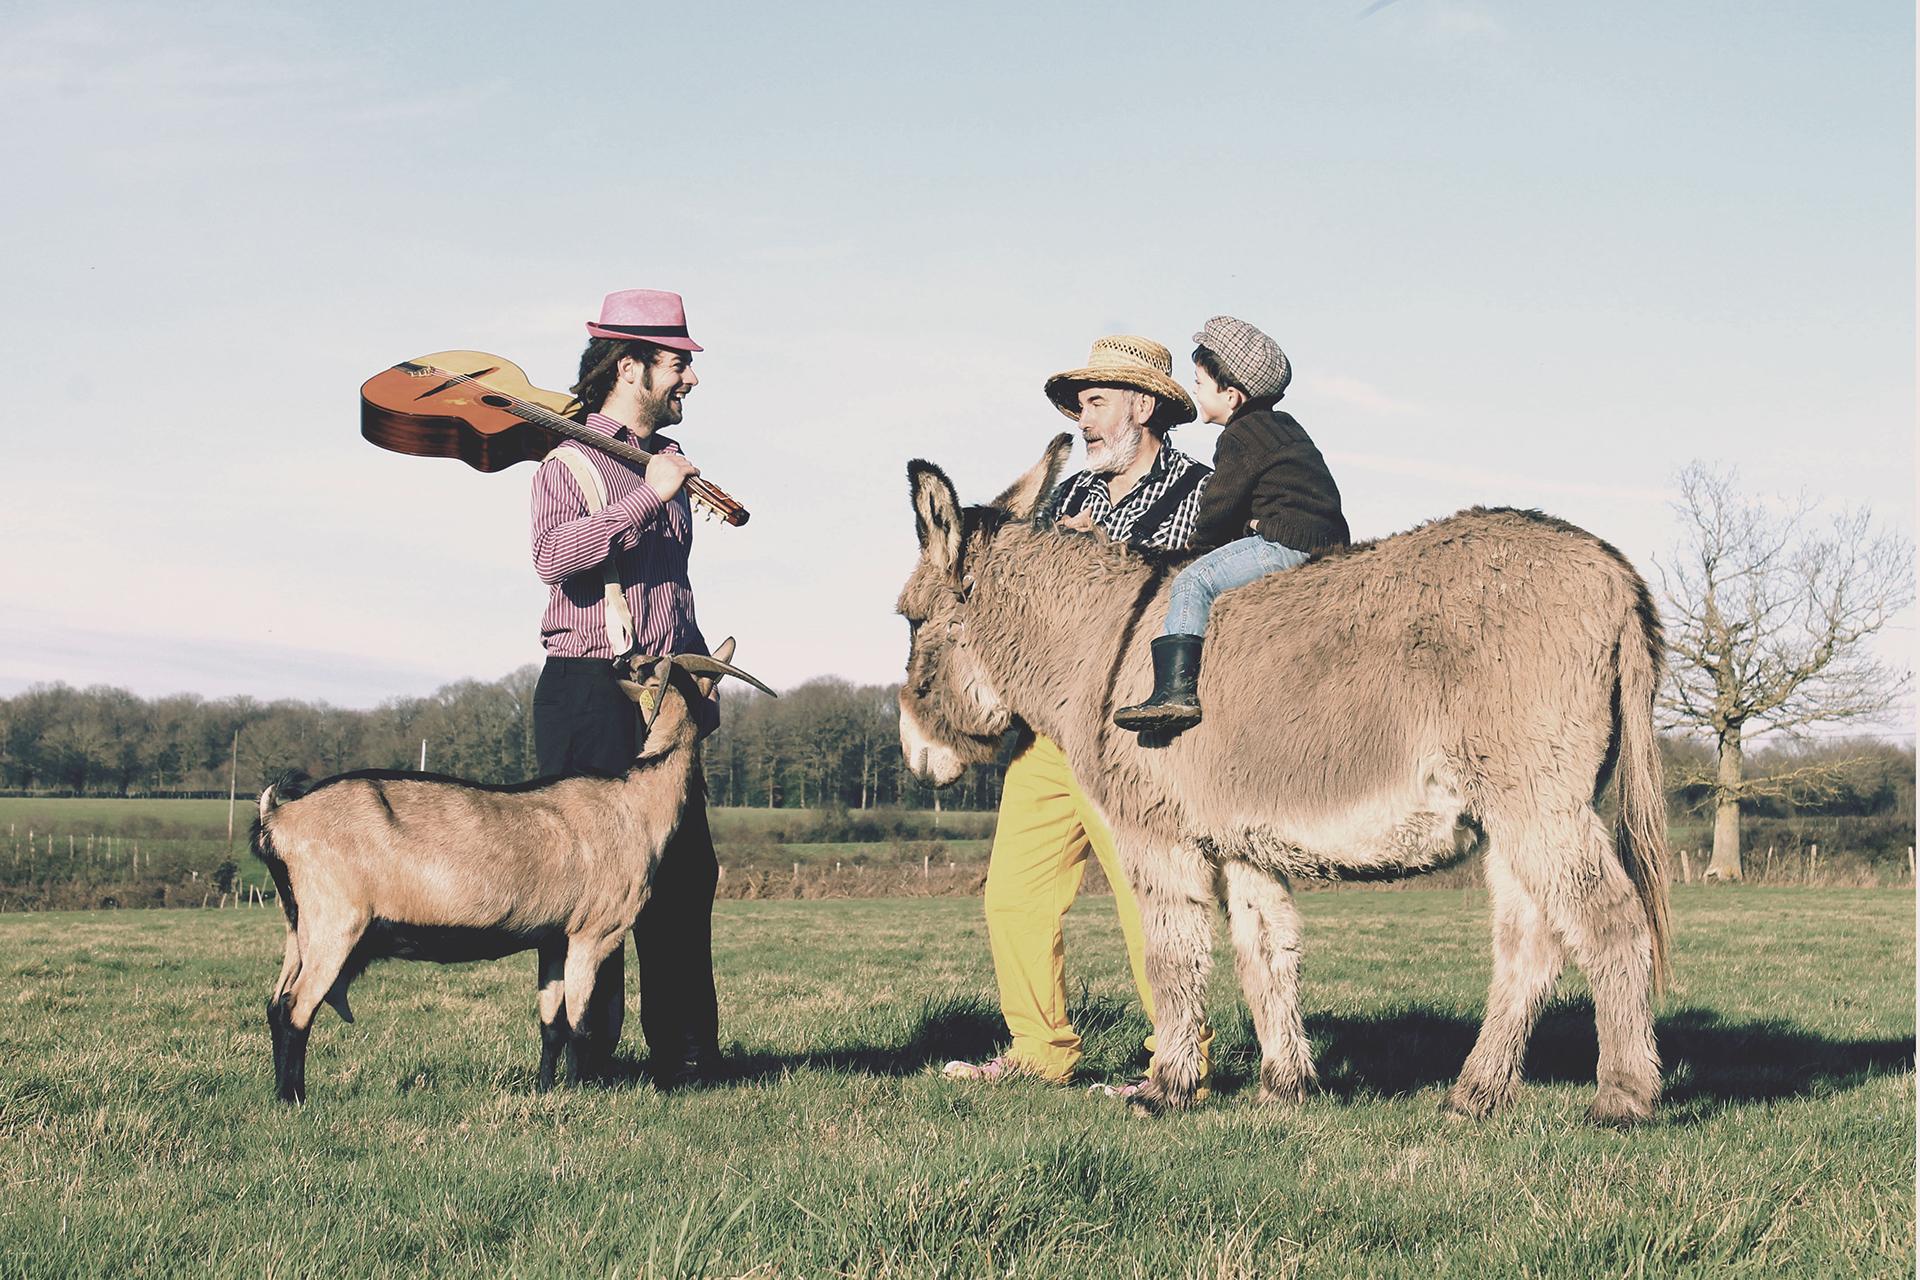 La rencontre de Tiligolo le fermier et Fanfare le musicien dans un champ avec une chèvre et un âne 2